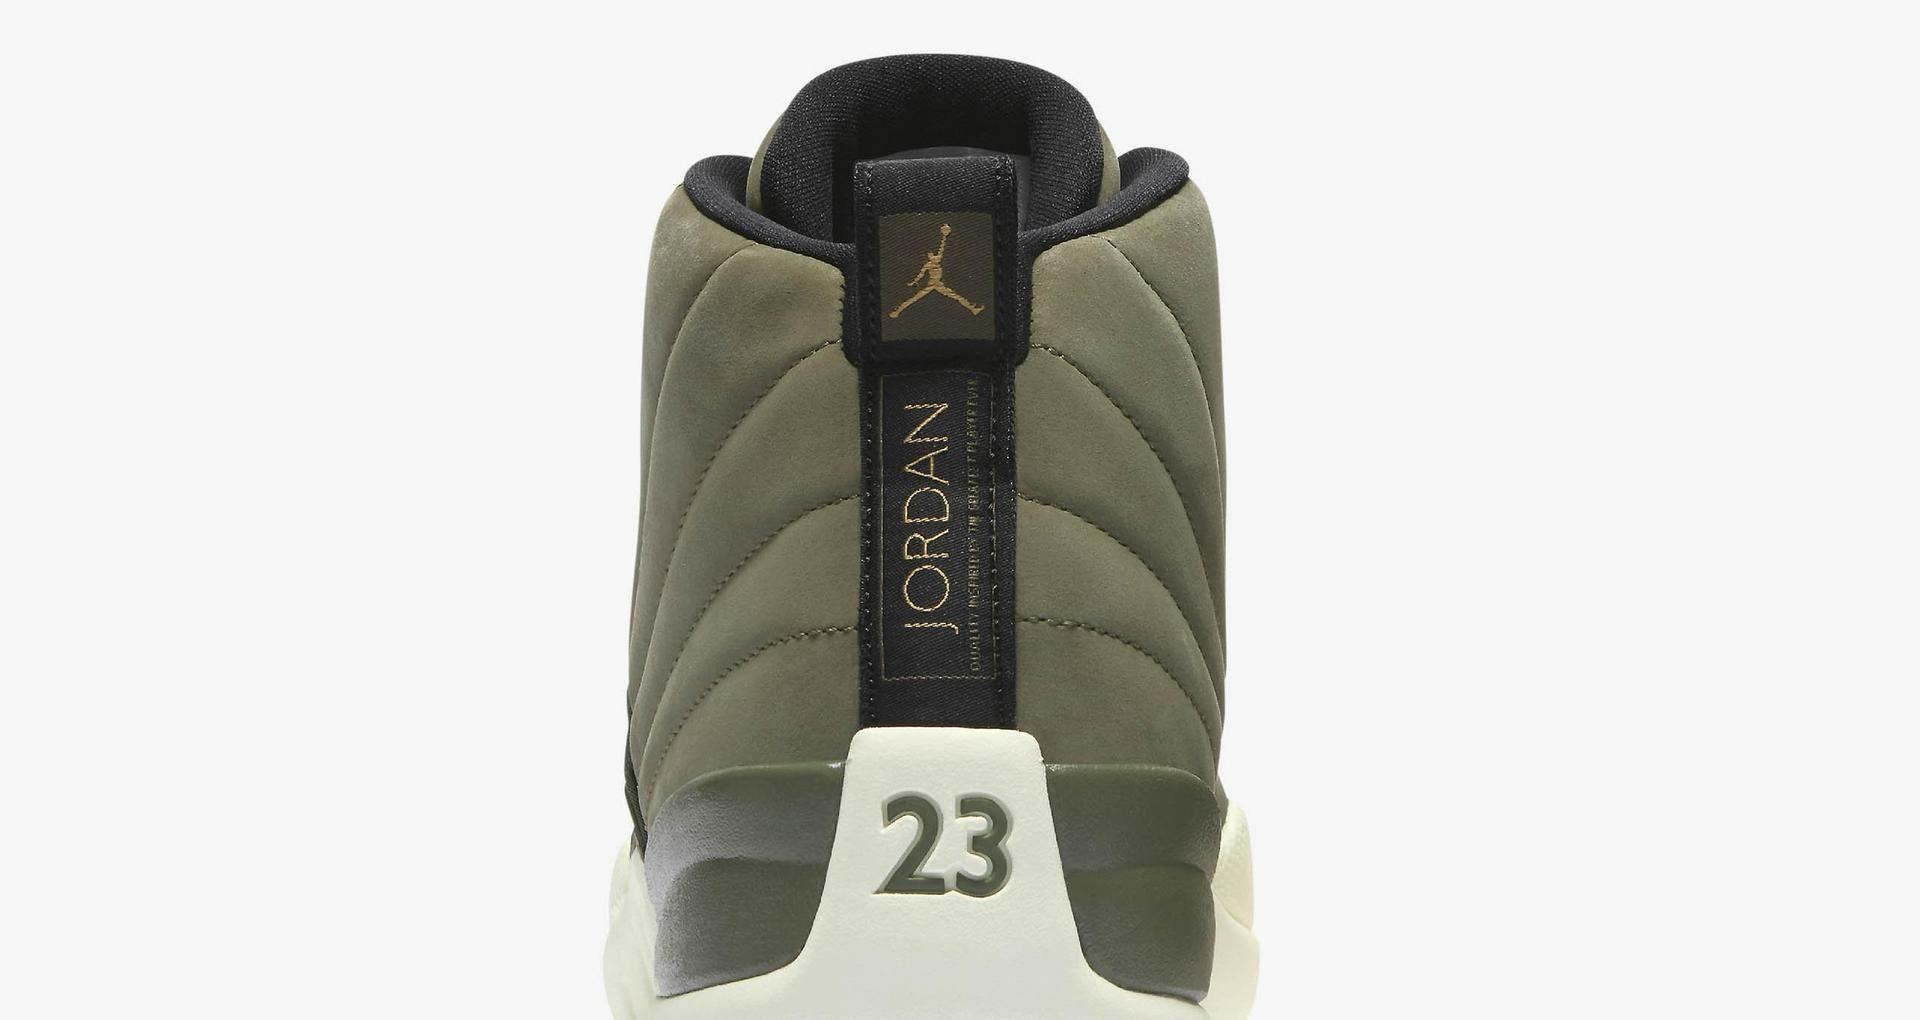 9c399fddc05ee1 Air Jordan 12 Retro  Olive Canvas   Metallic Gold  Release Date ...